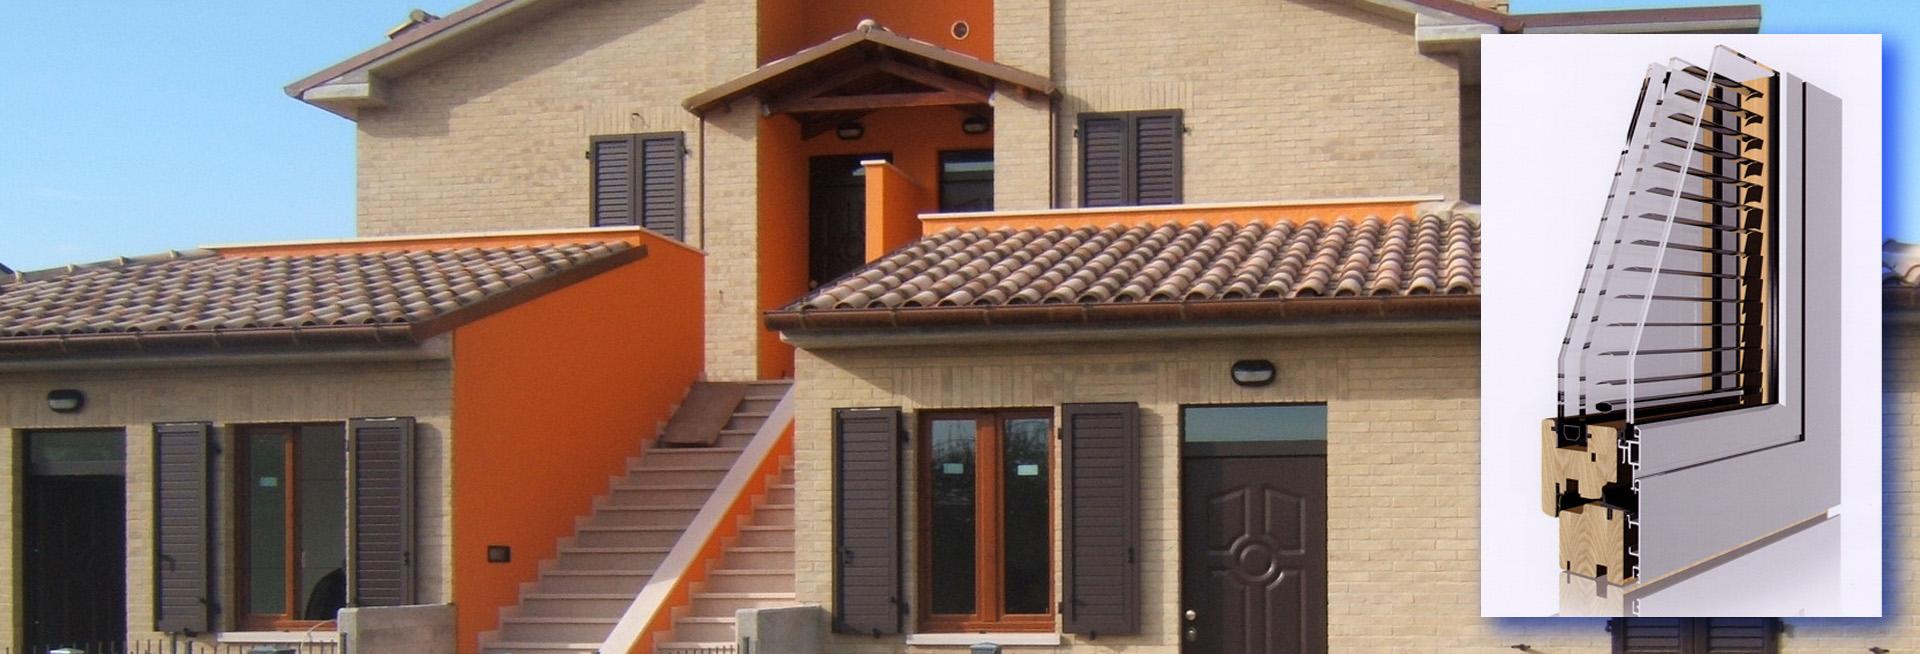 Per una casa importante, una finestra importante. Una finestra in Legno-Alluminio È PER SEMPRE!